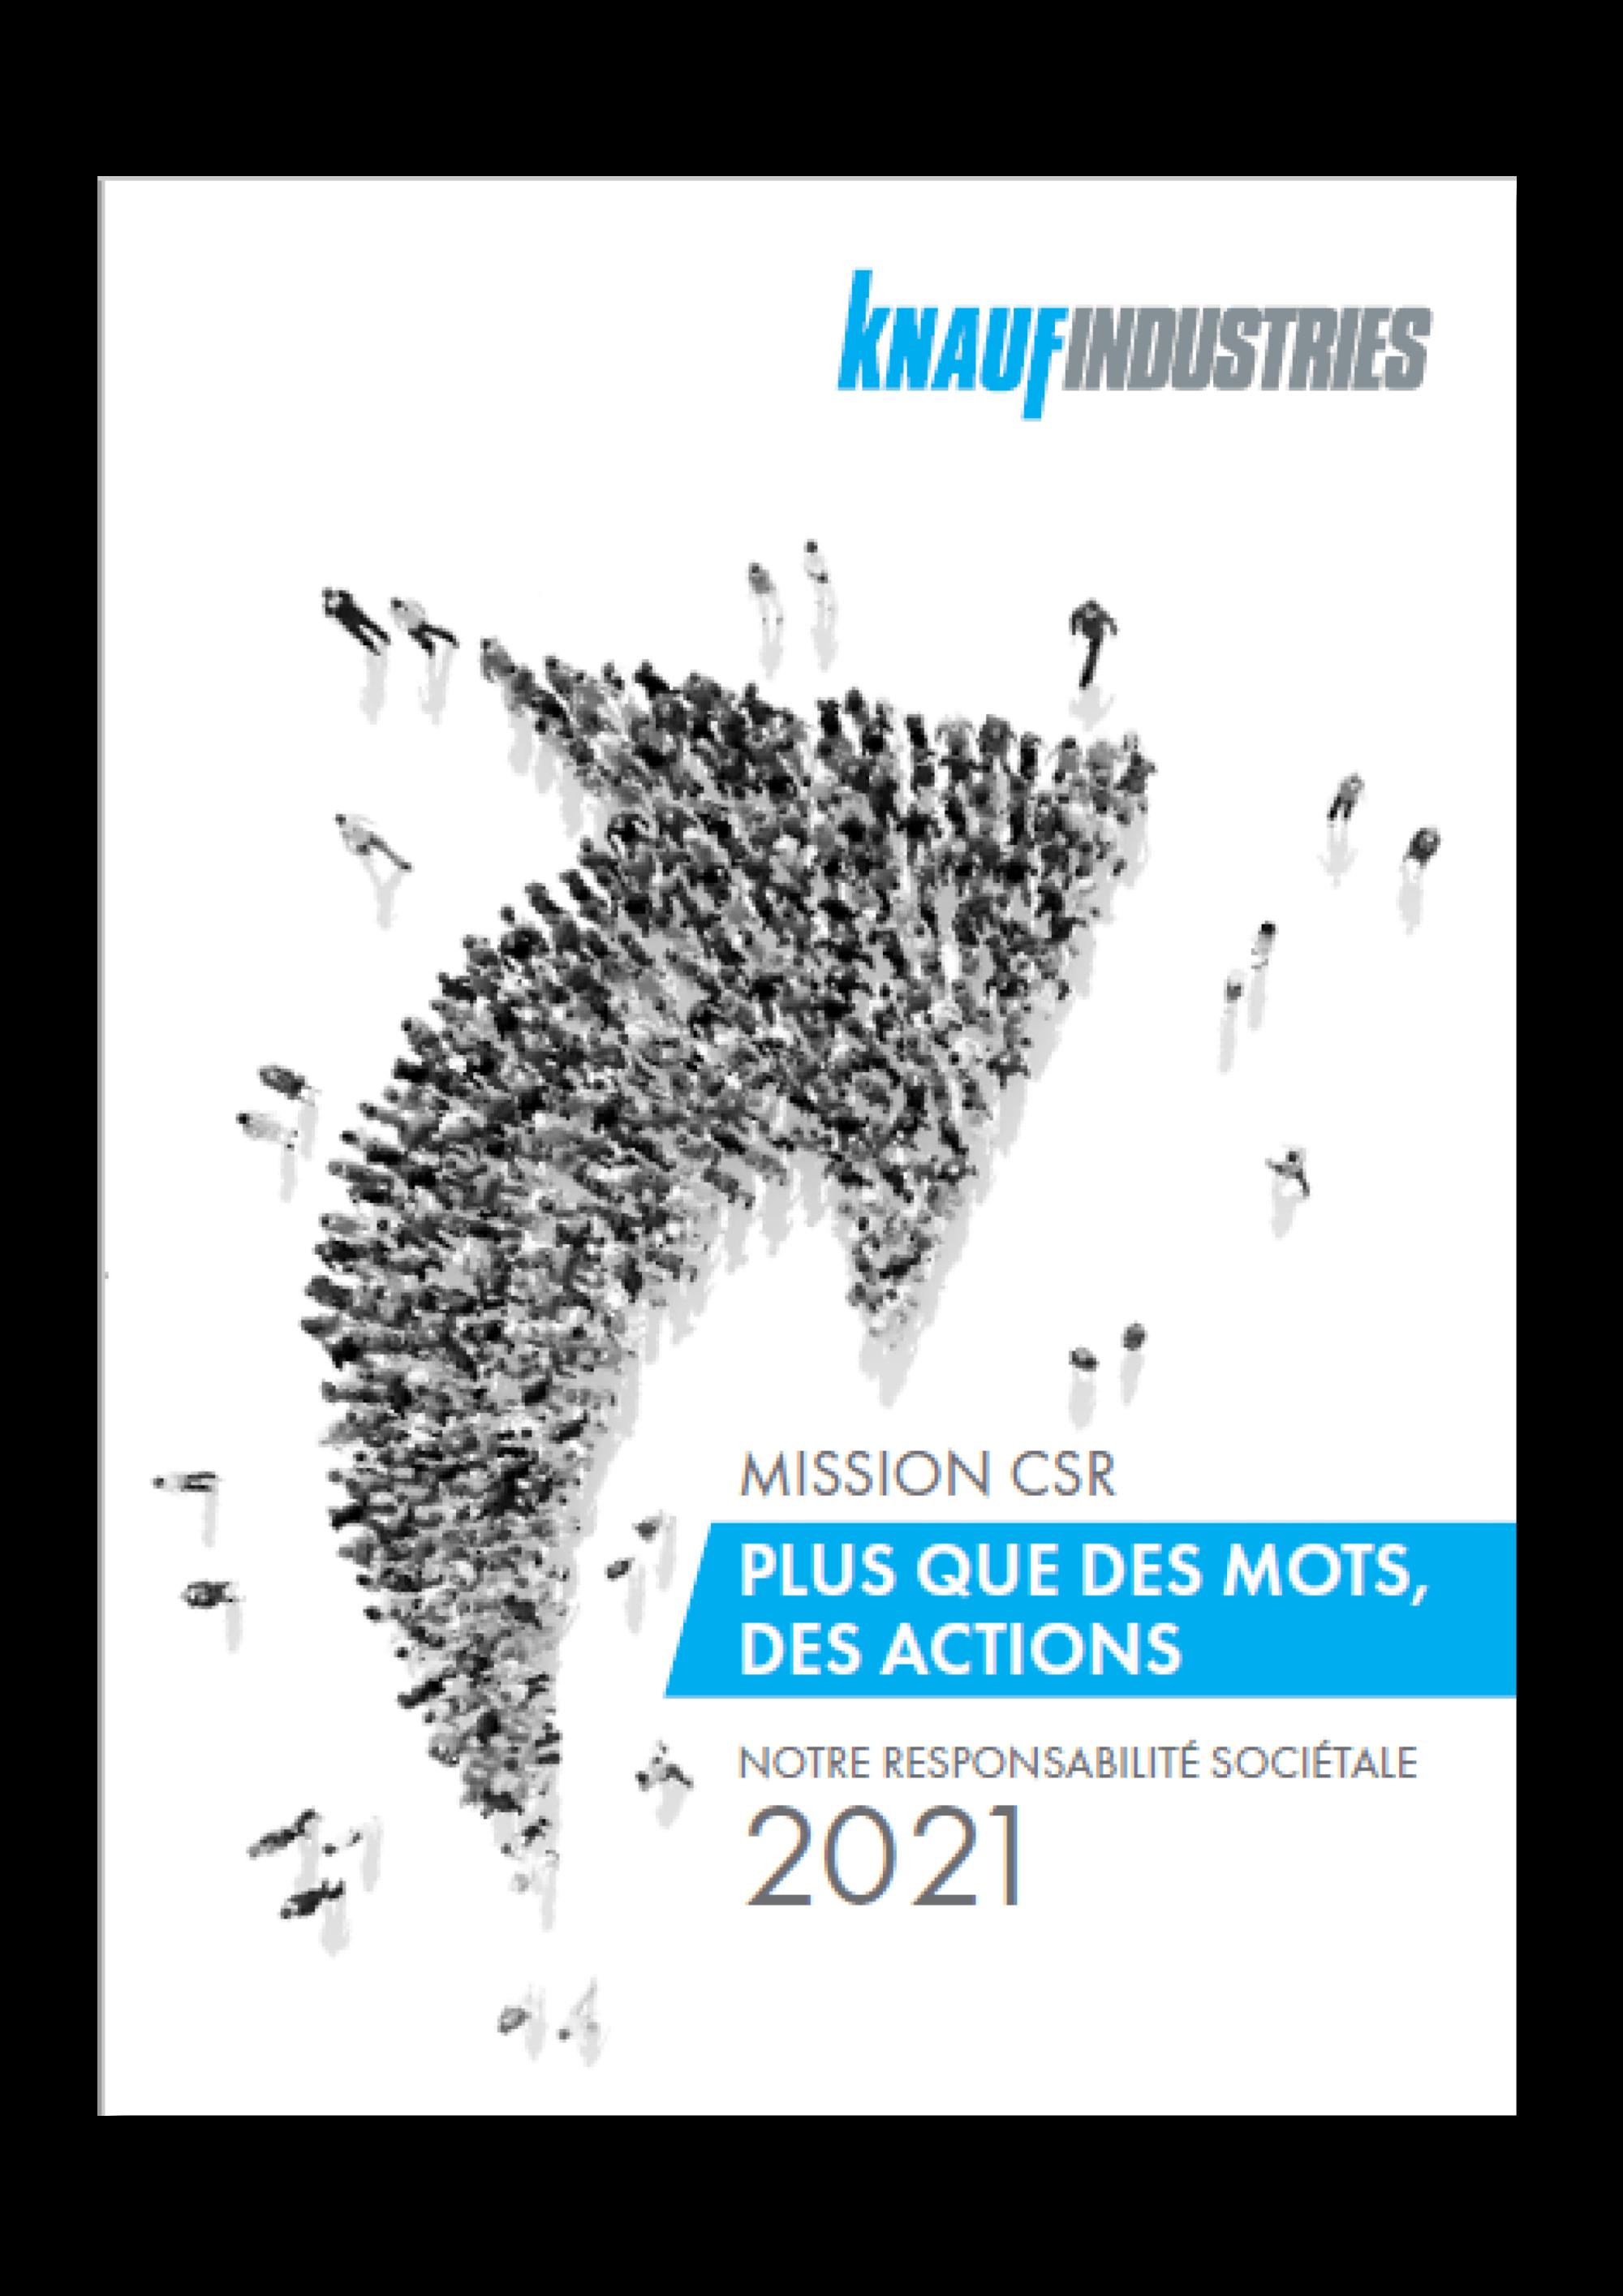 démarche de Responsabilité sociétale Knauf Industries